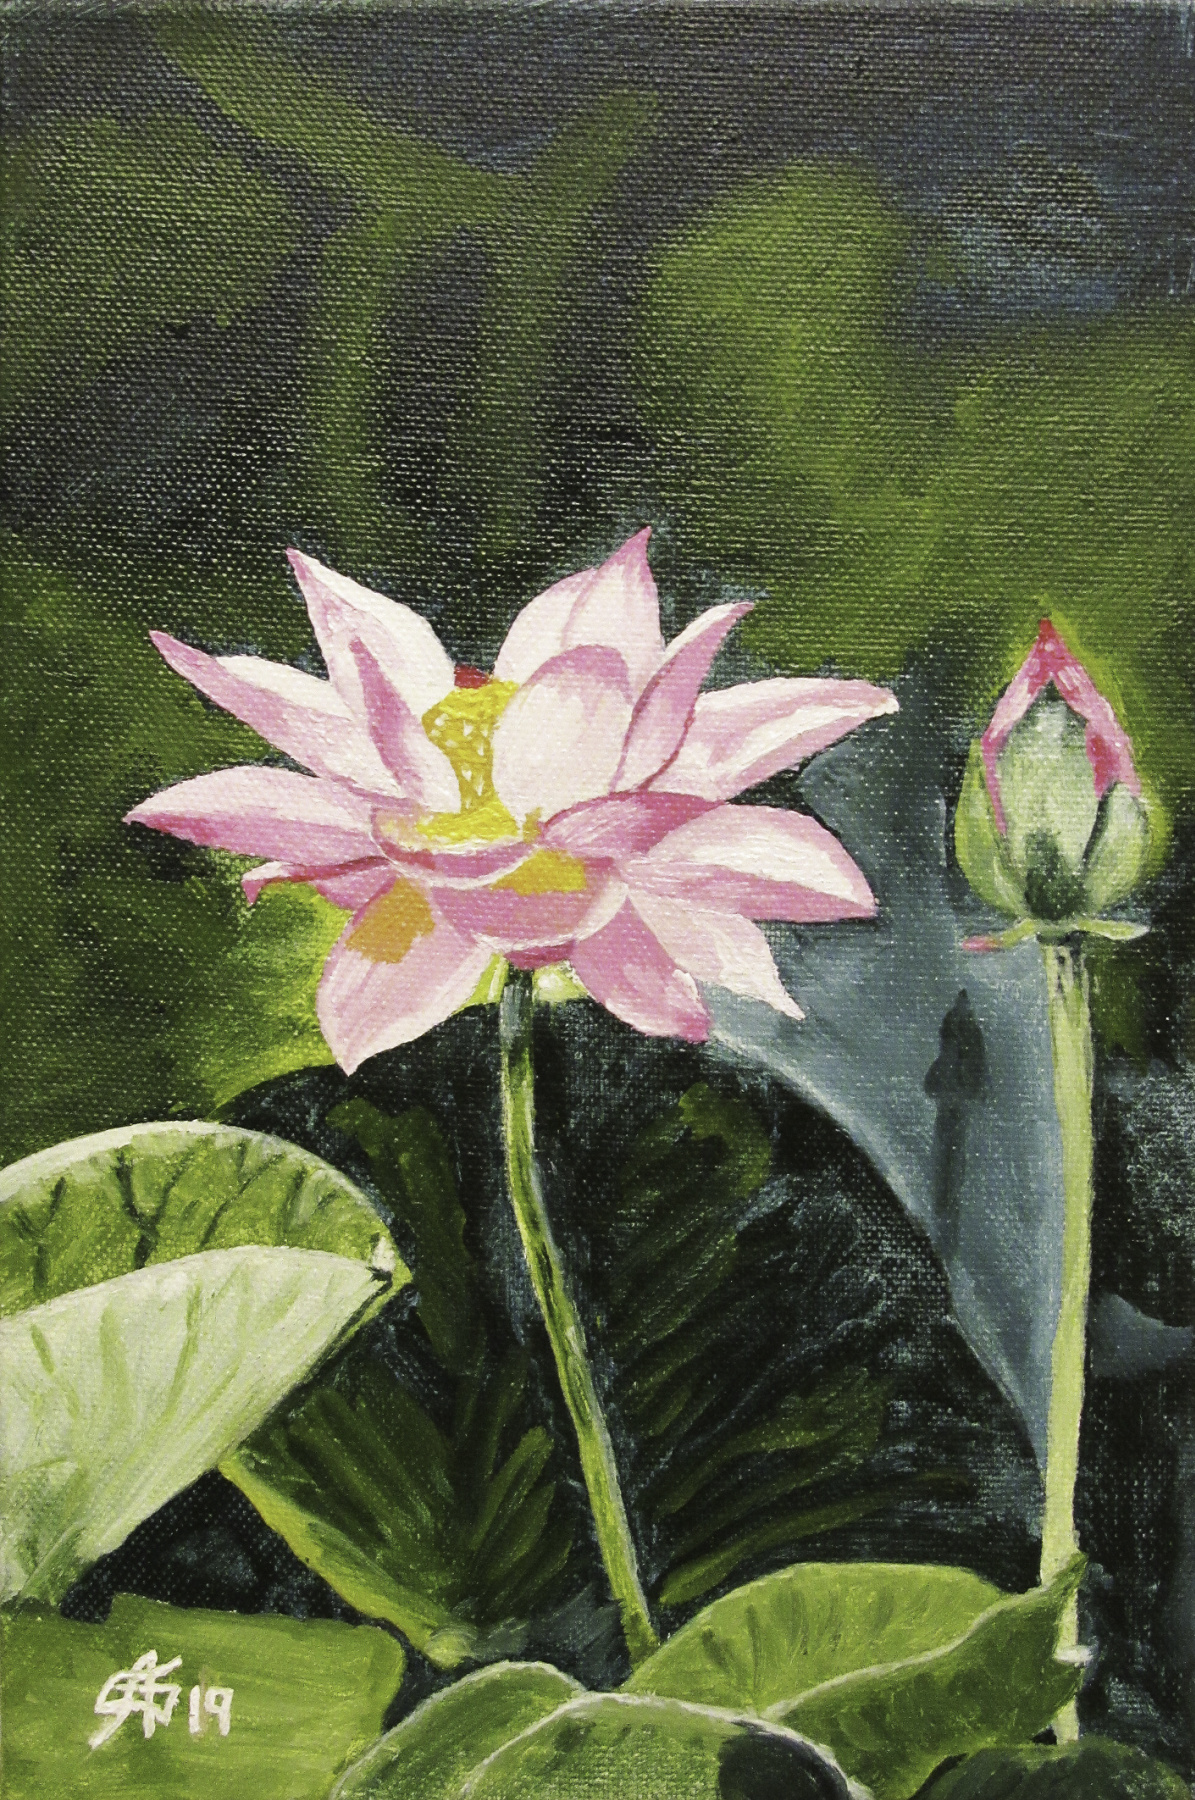 Artashes Badalyan. Lotus - xm - 30x20